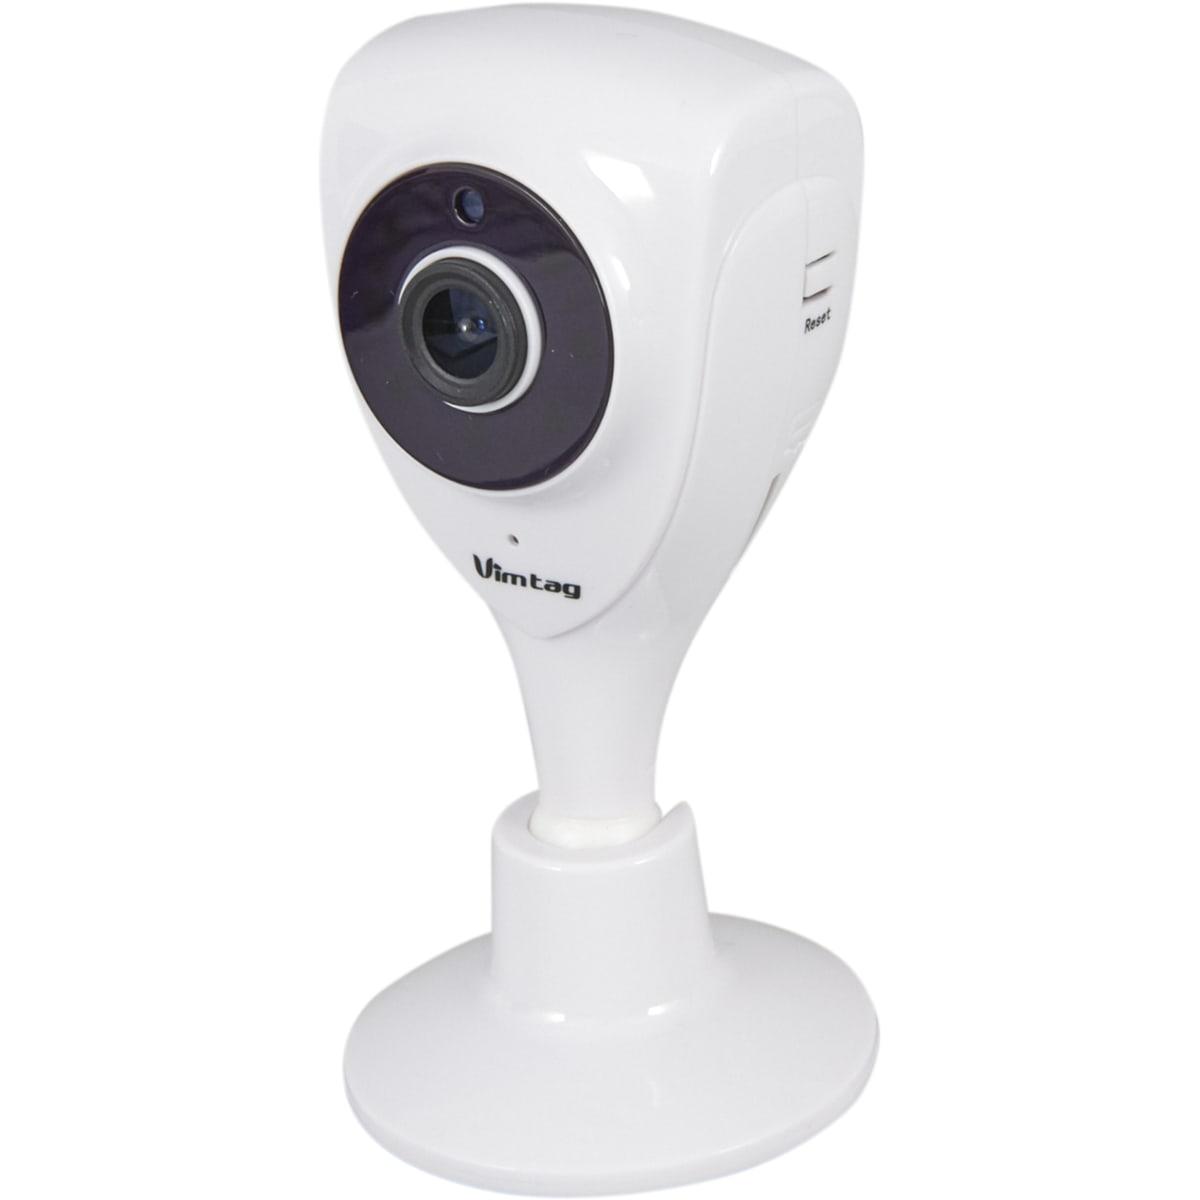 Компект для видеонаблюдения Vimtag CM1 1Мп